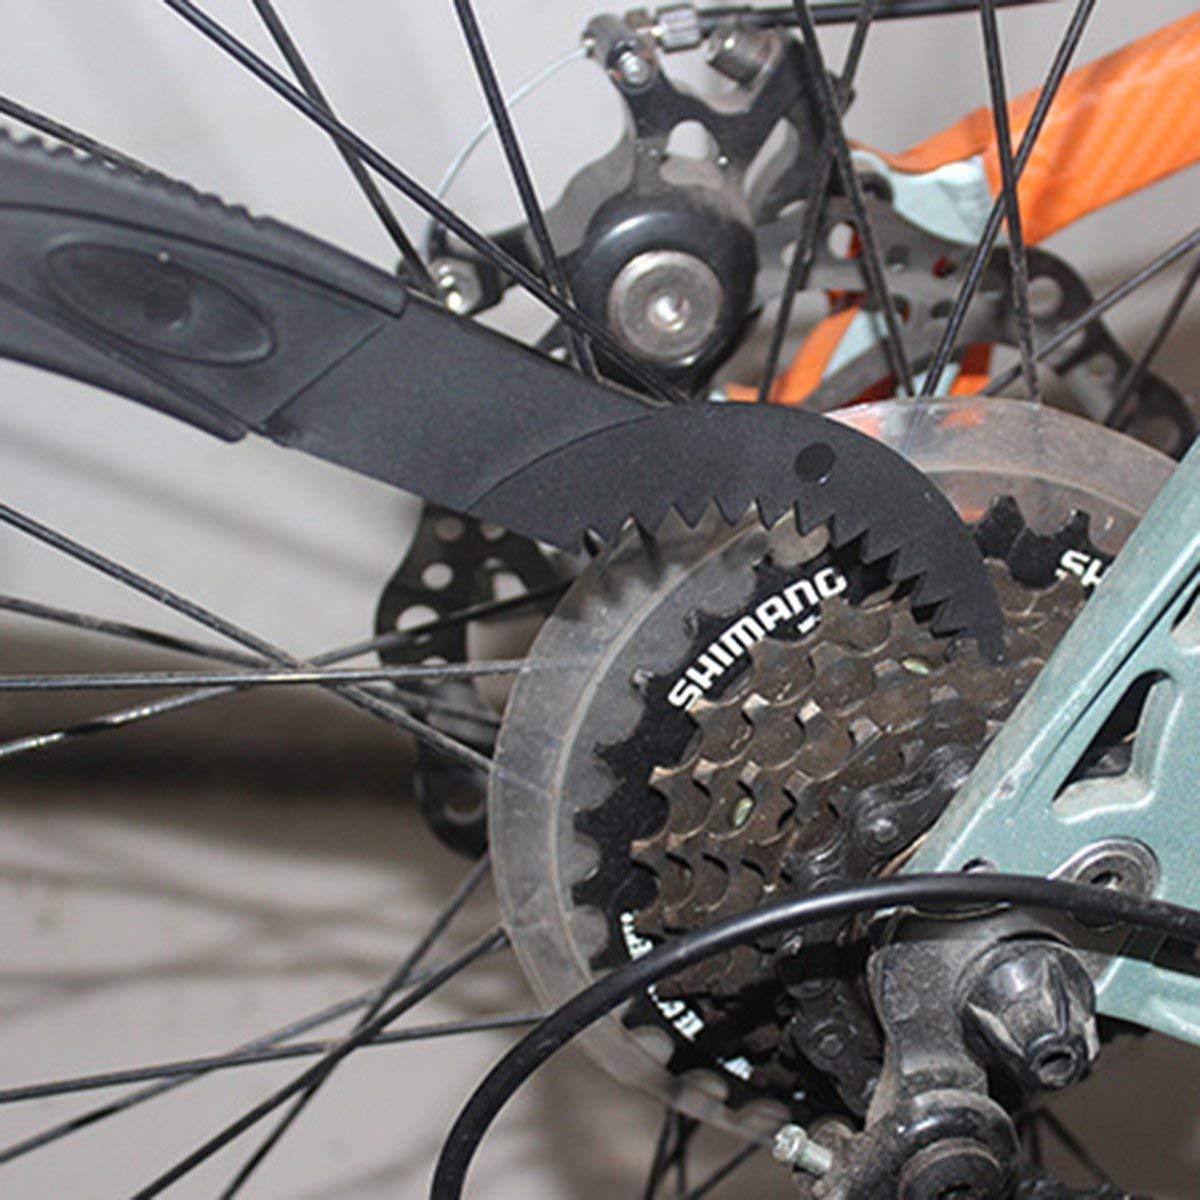 Gugutogo Diseño práctico Ciclismo Reparación Máquina Cepillos ...